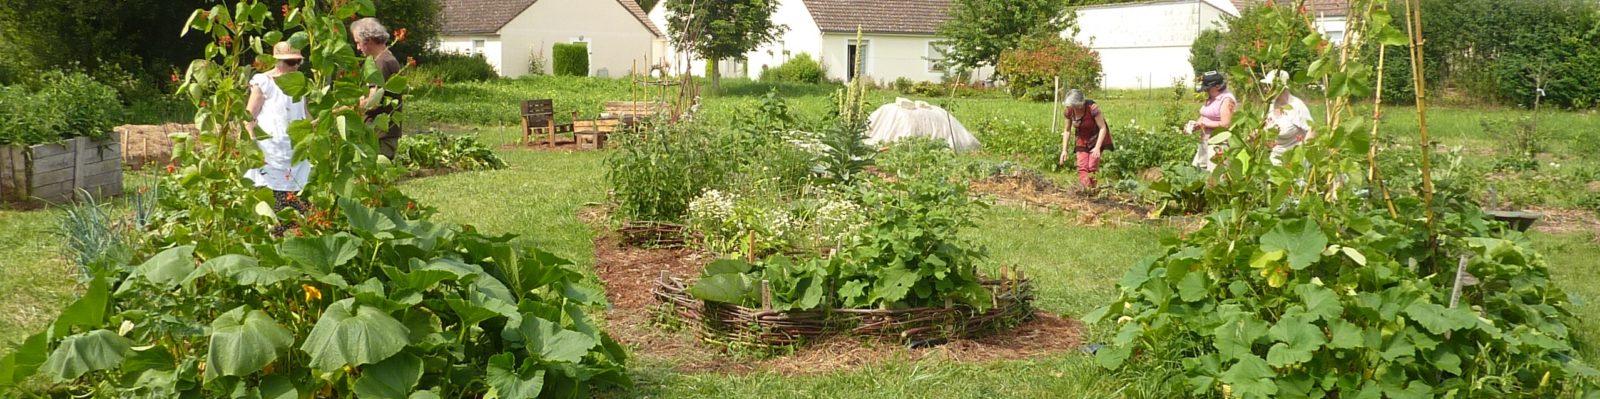 Le jardin partagé et solidaire de Nocé